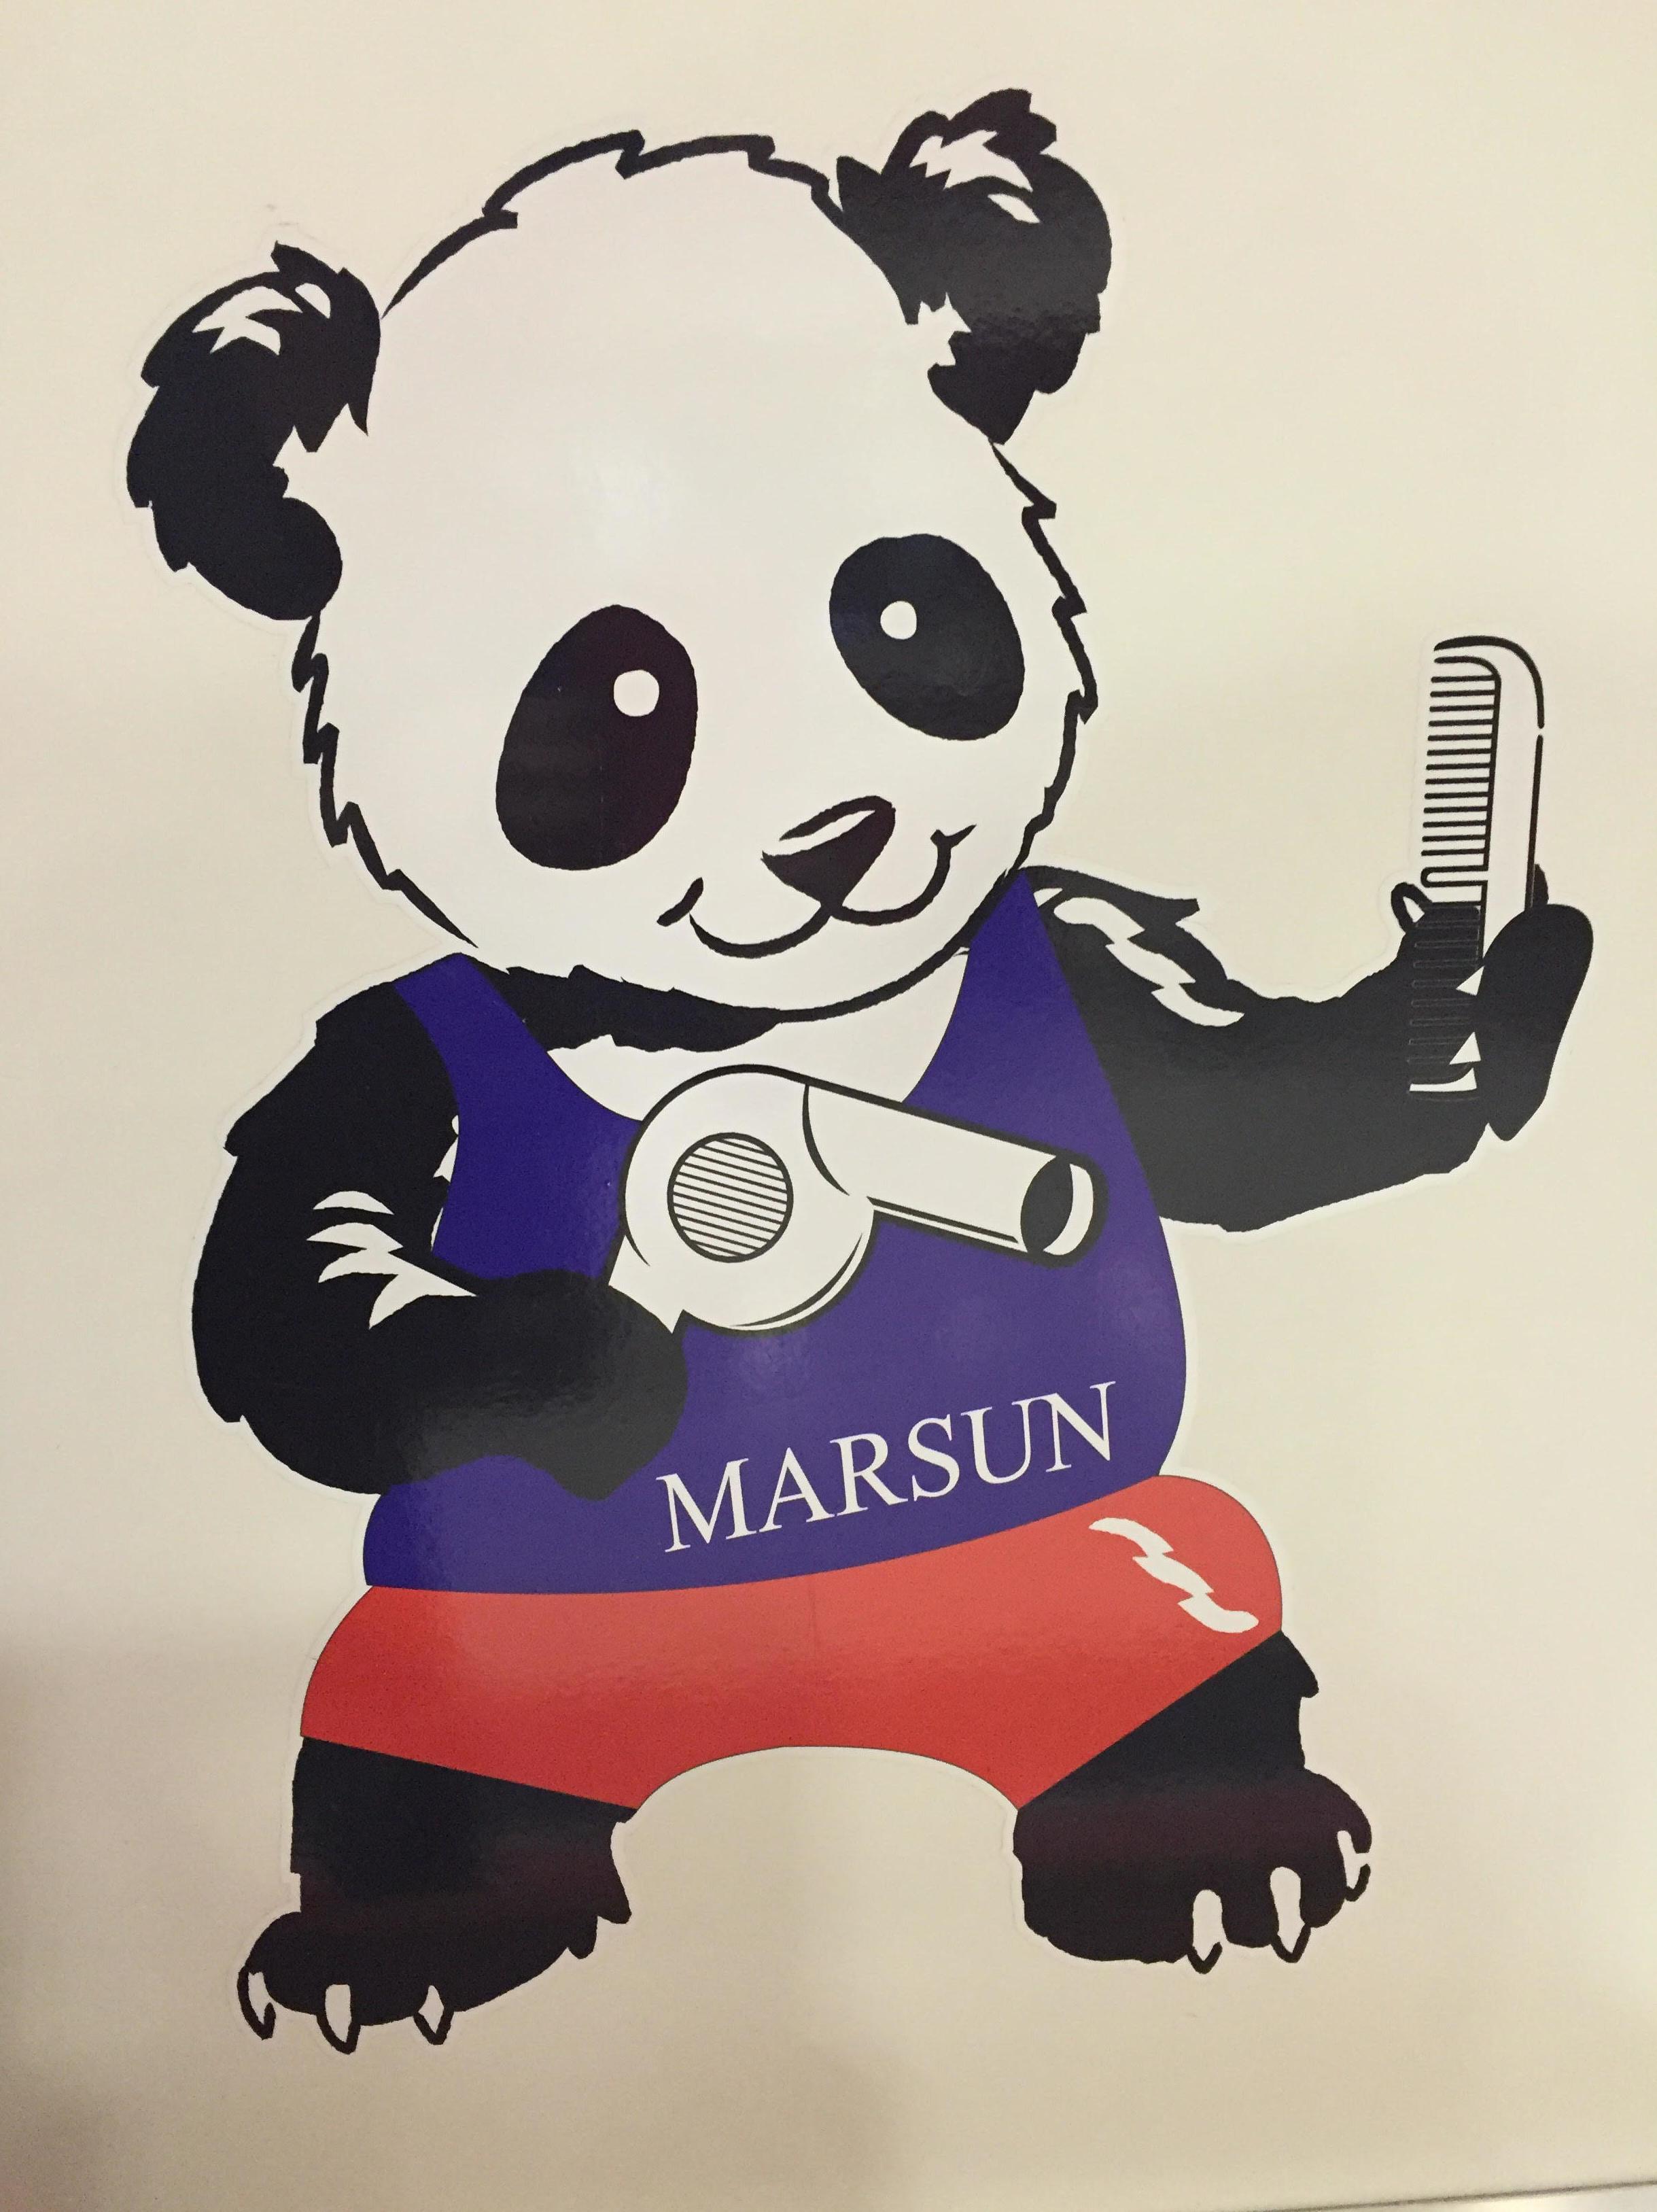 Peluquería Marsun: Servicios de Peluquería Marsun